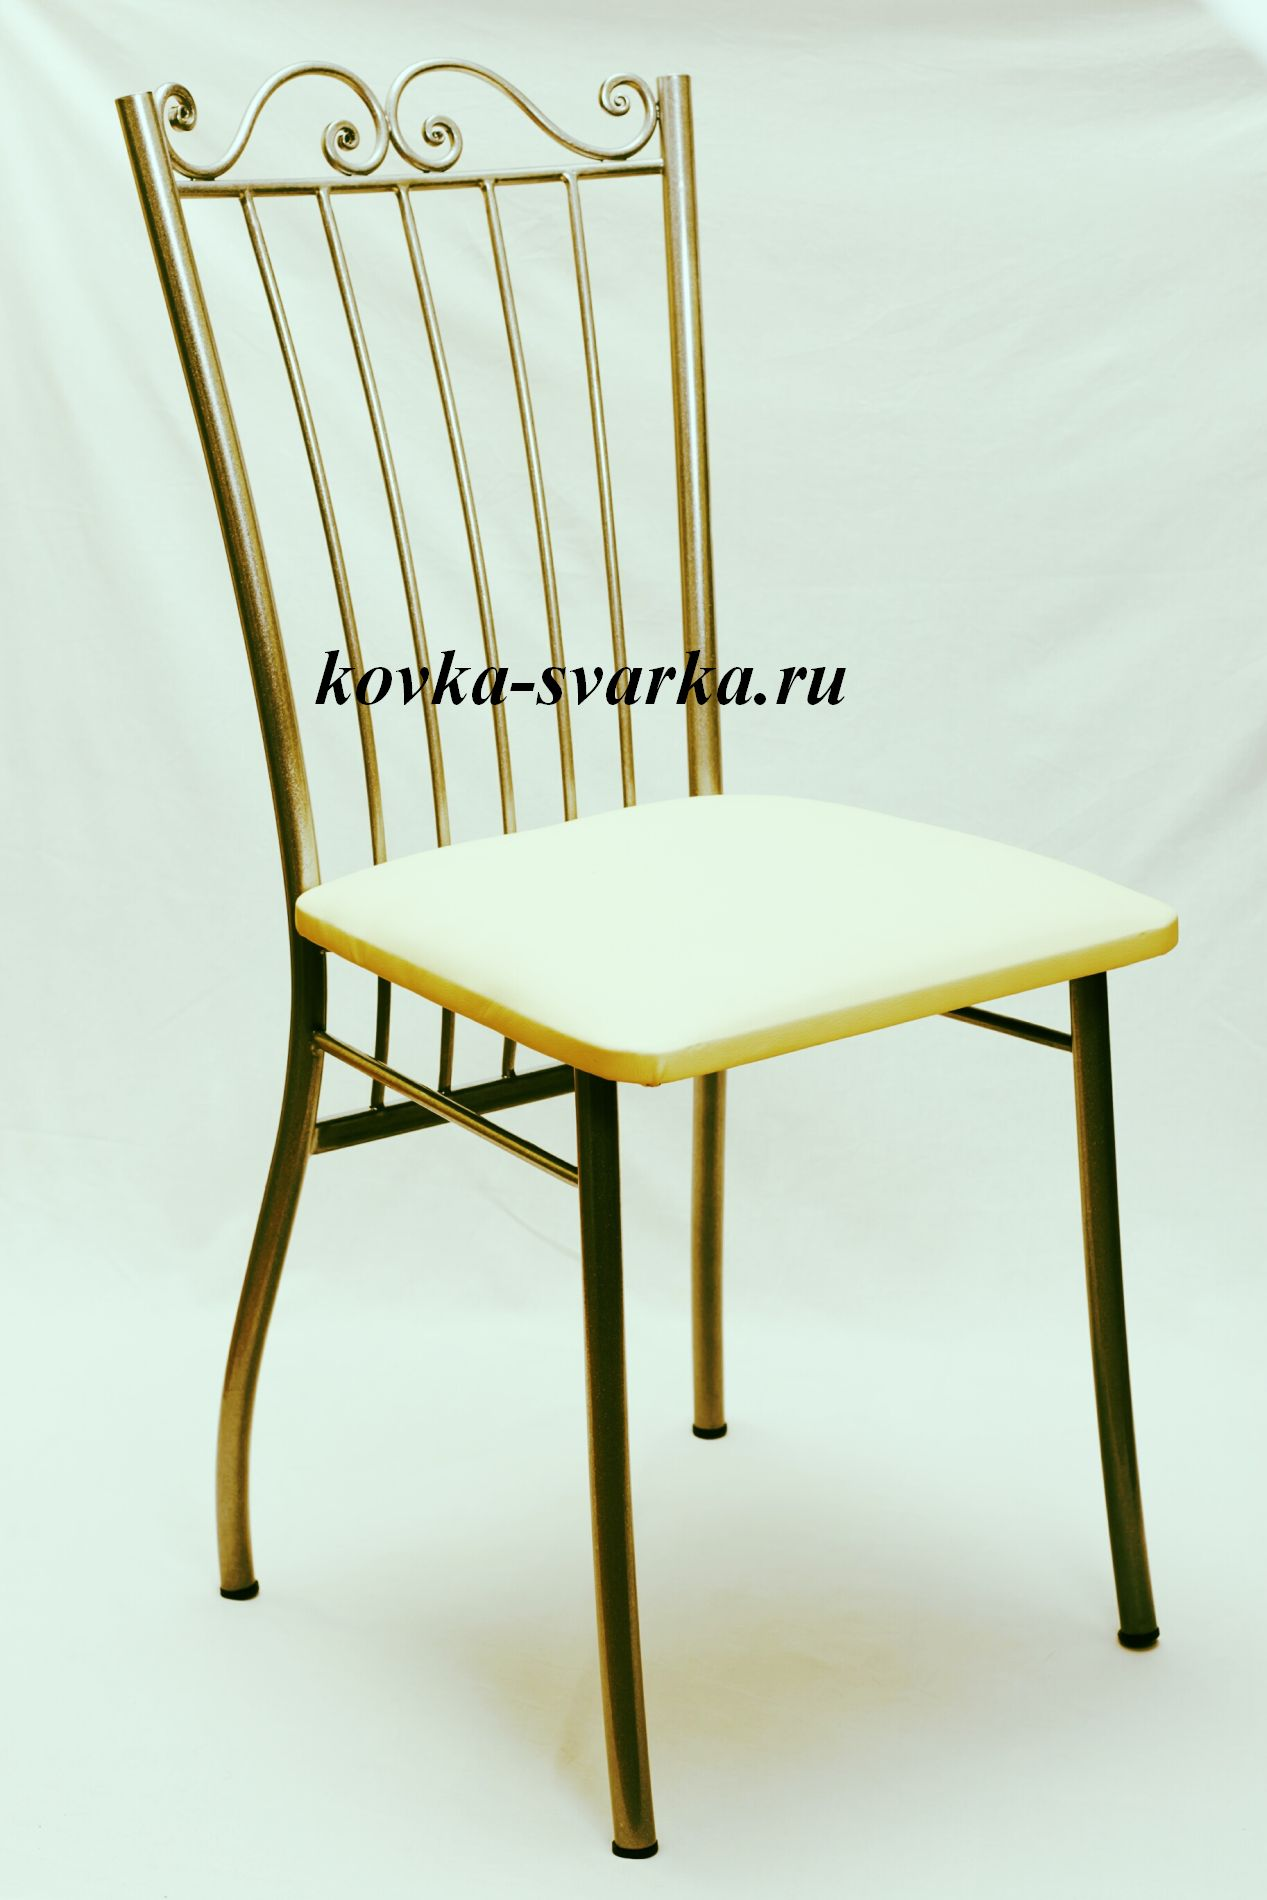 Фото кованого стула